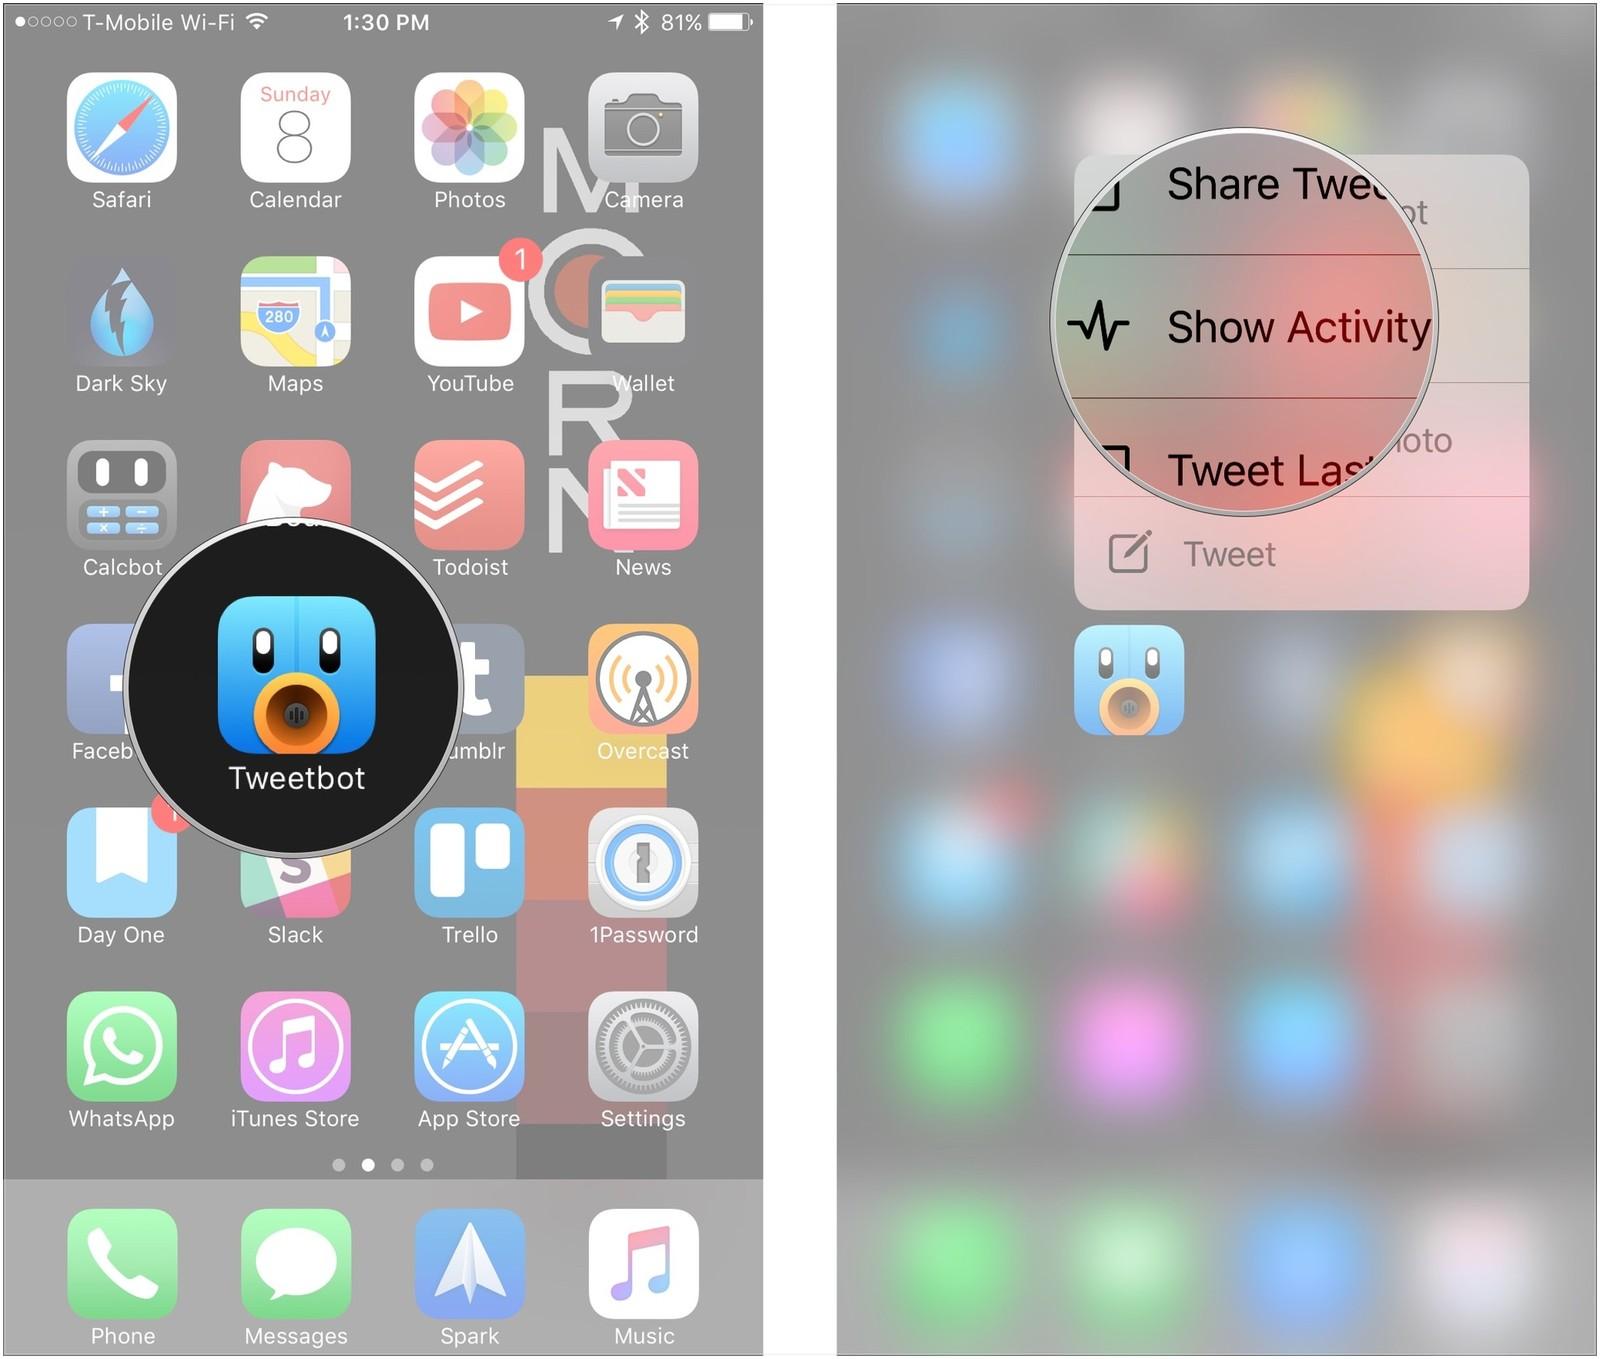 11 вещей которые должен знать каждый пользователь iPhone или iPad - 3D Touch